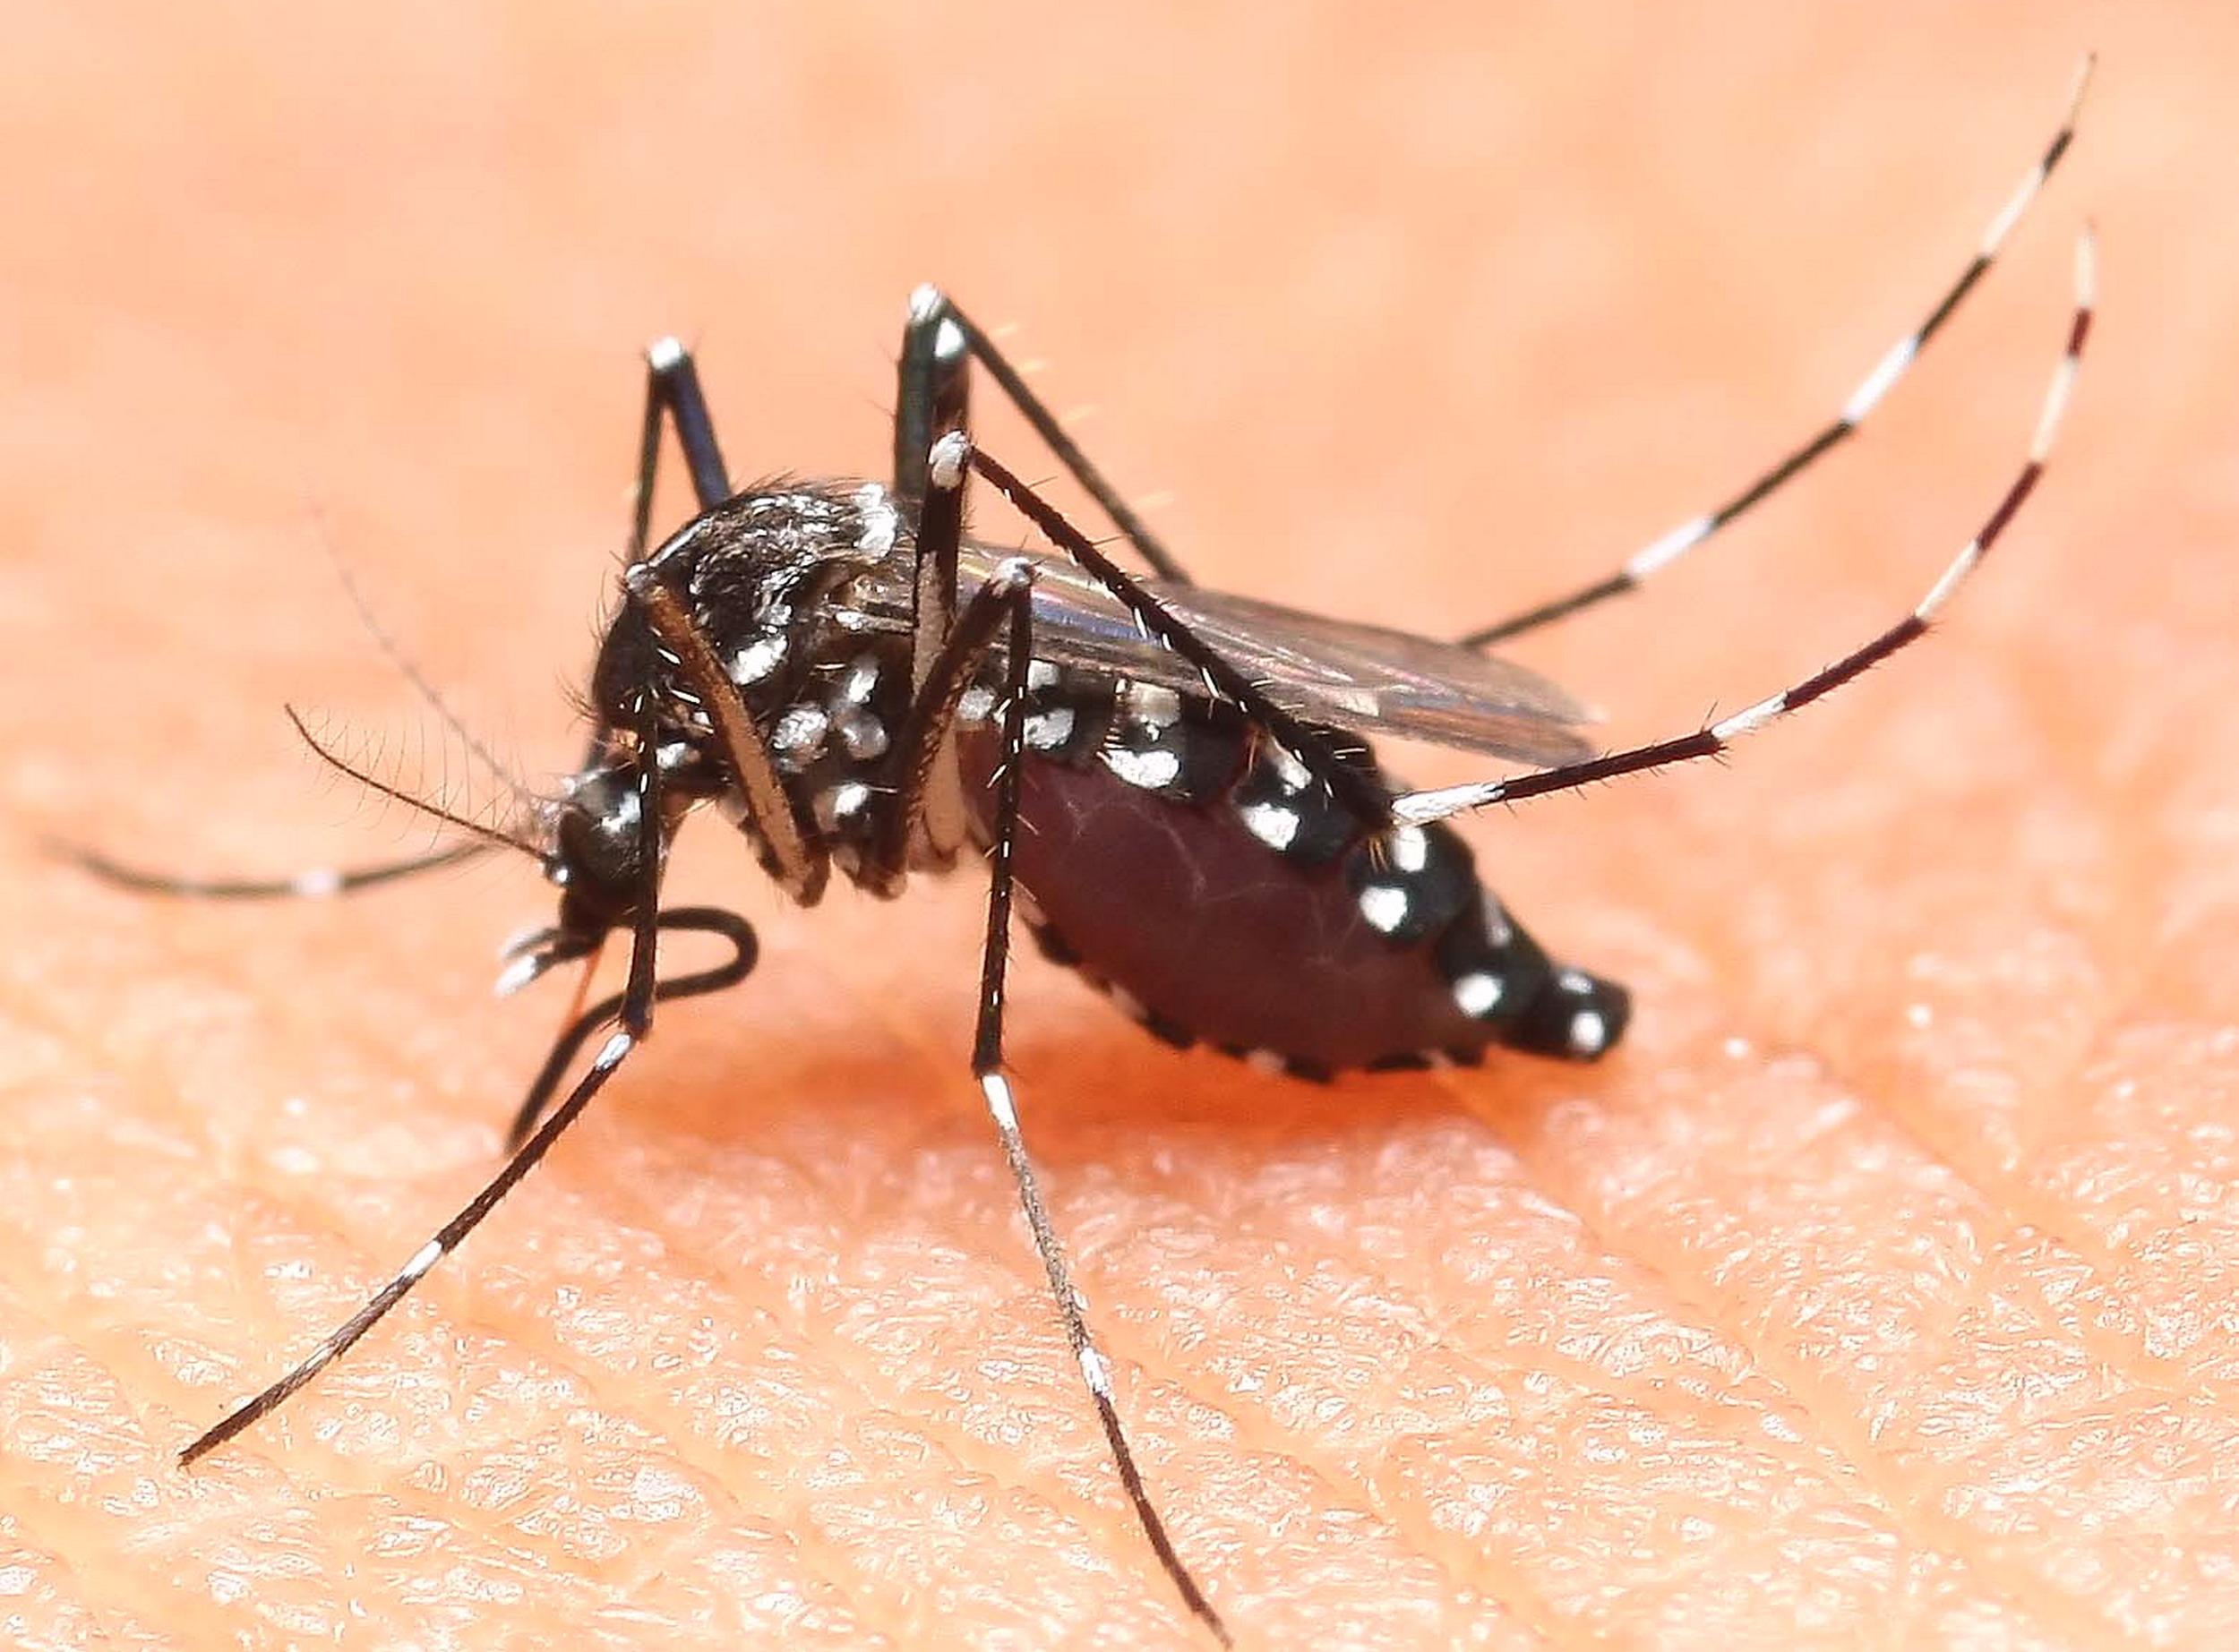 Febbre gialla, dengue ed altre malattie trasmesse dalle